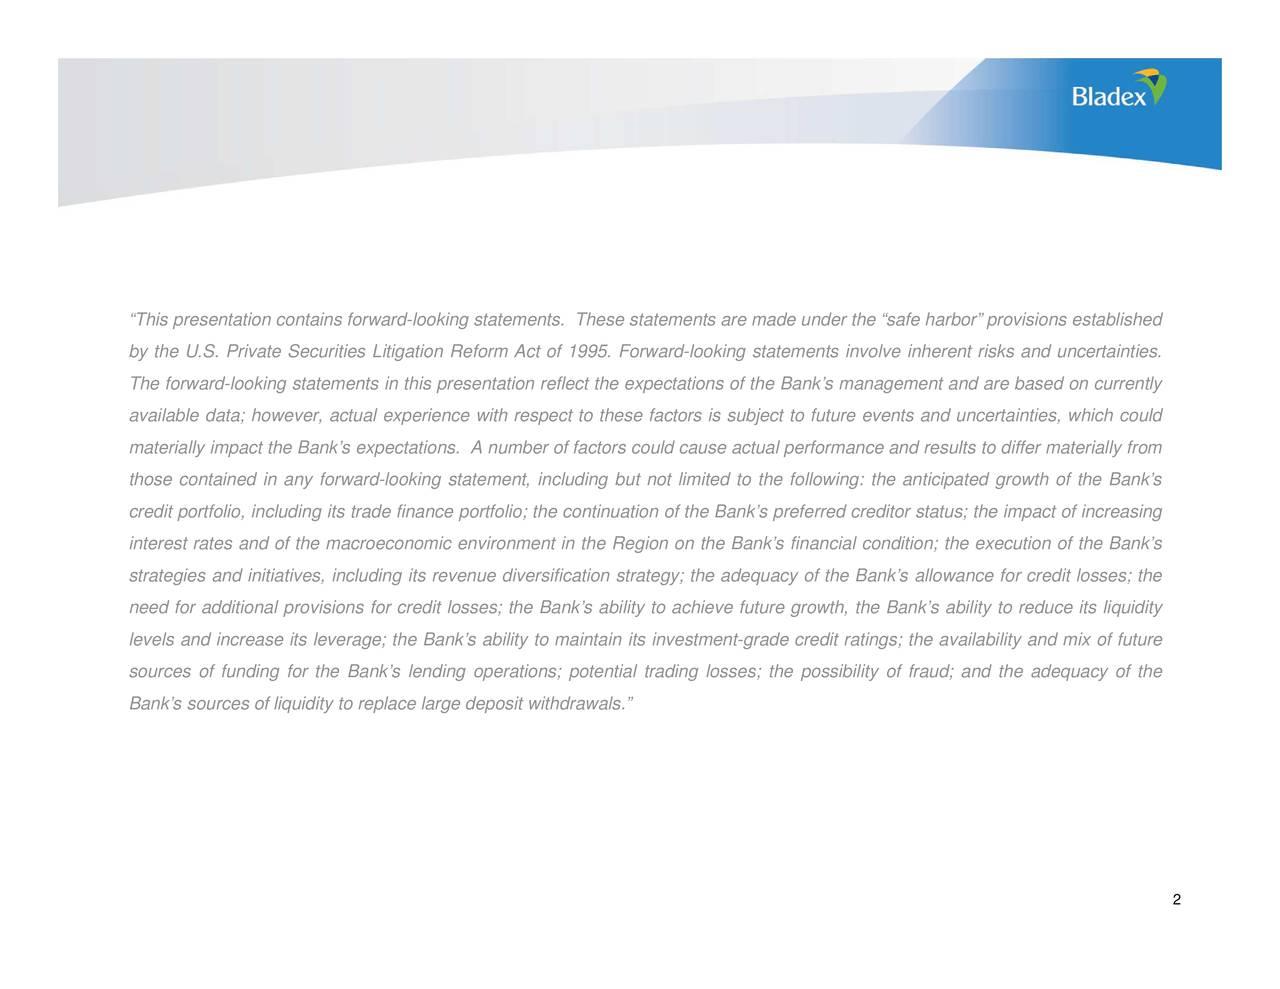 Banco Exterior: Banco Latinoamericano De Comercio Exterior, S.A. 2018 Q1